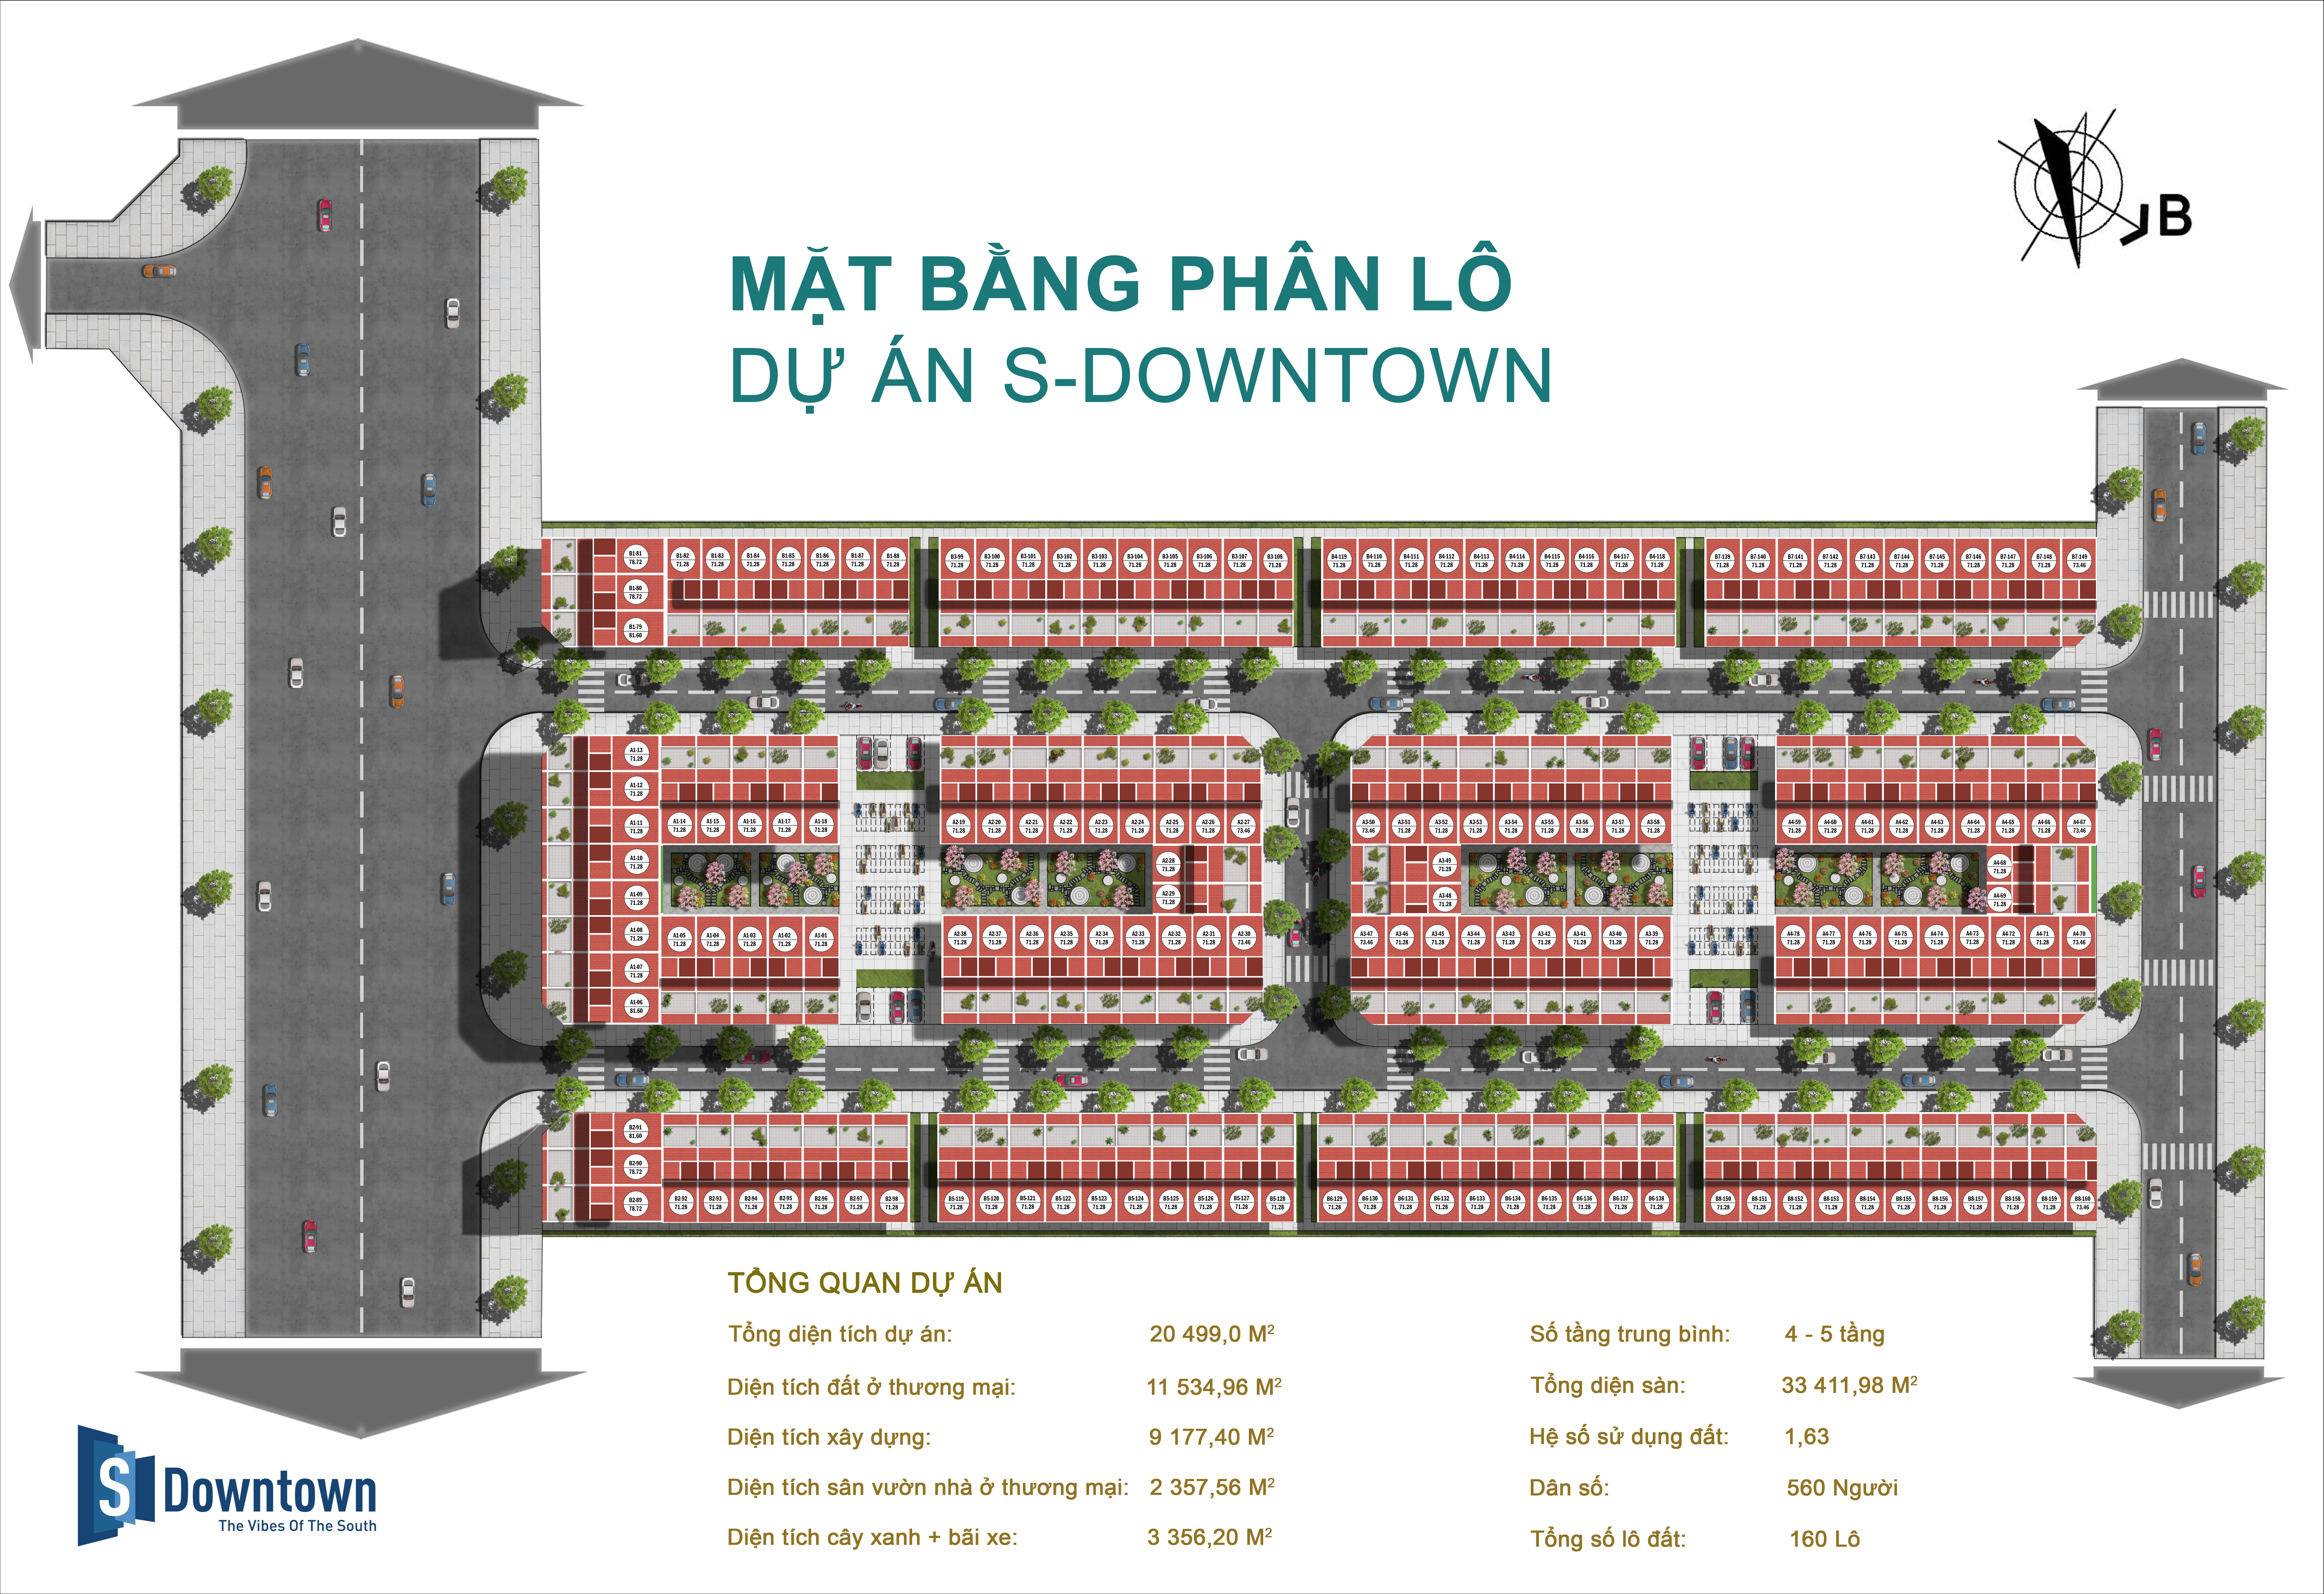 Mặt bằng phân lô dự án S-Downtown Thanh Trì